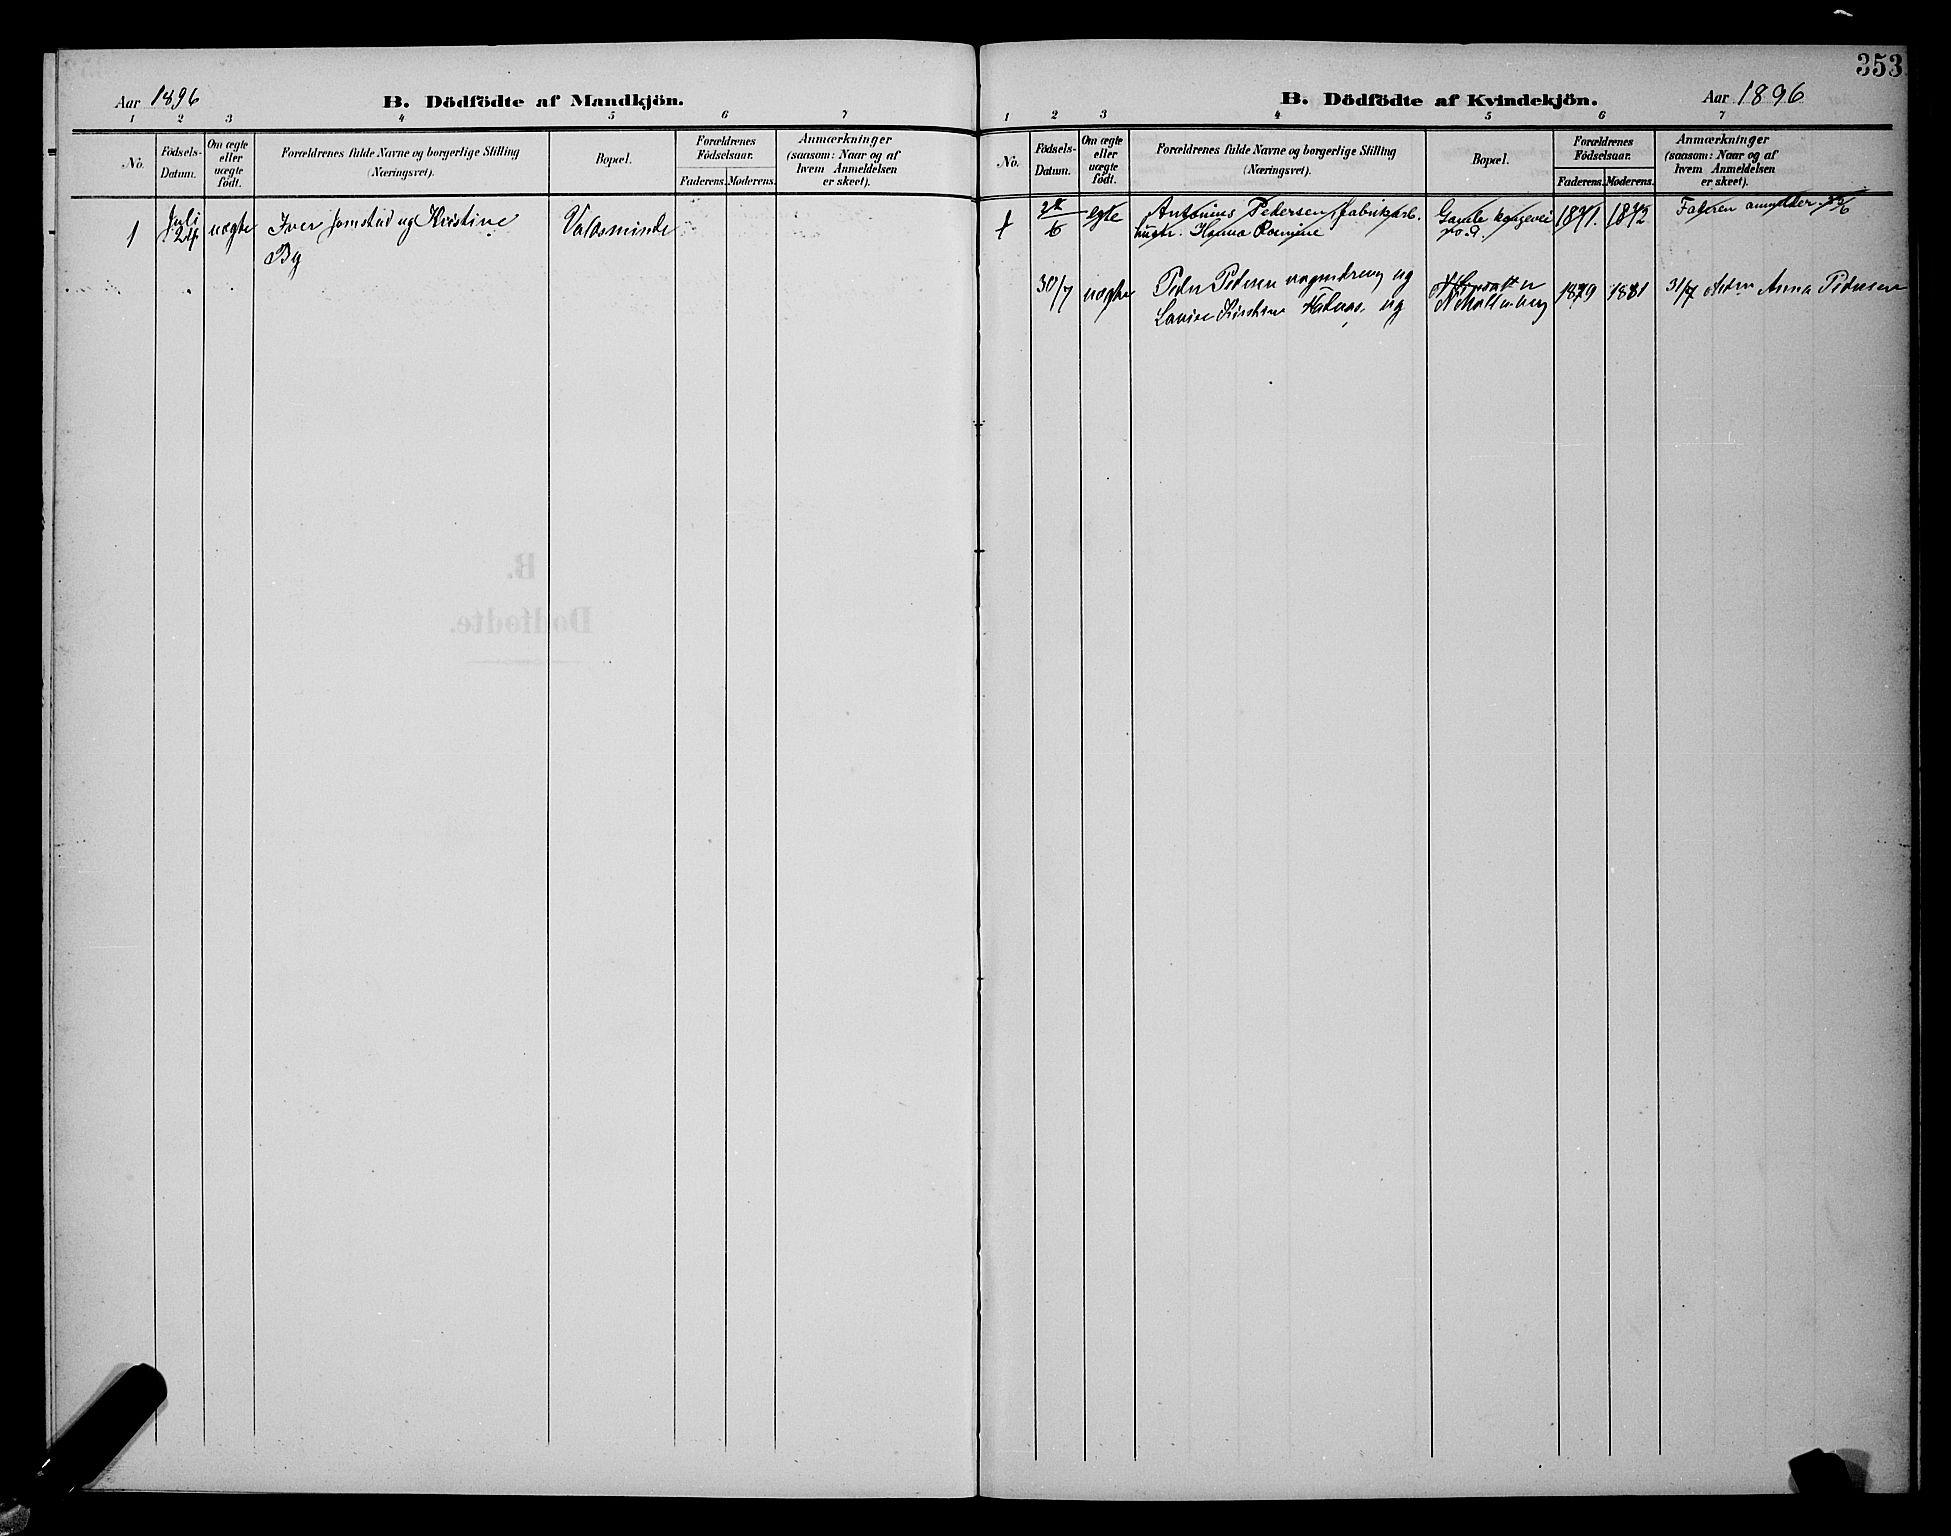 SAT, Ministerialprotokoller, klokkerbøker og fødselsregistre - Sør-Trøndelag, 604/L0225: Klokkerbok nr. 604C08, 1895-1899, s. 353